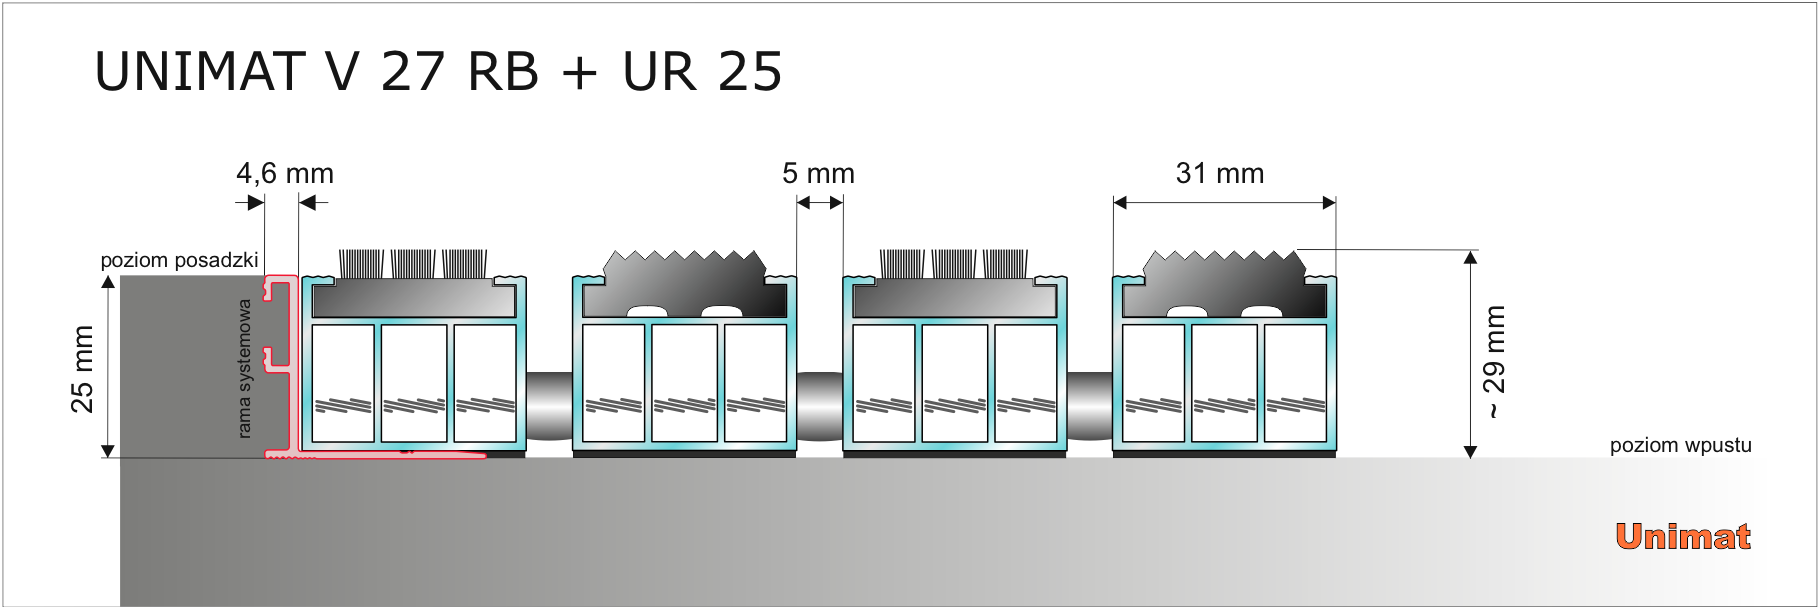 Unimat V 27 RB + UR 25.png